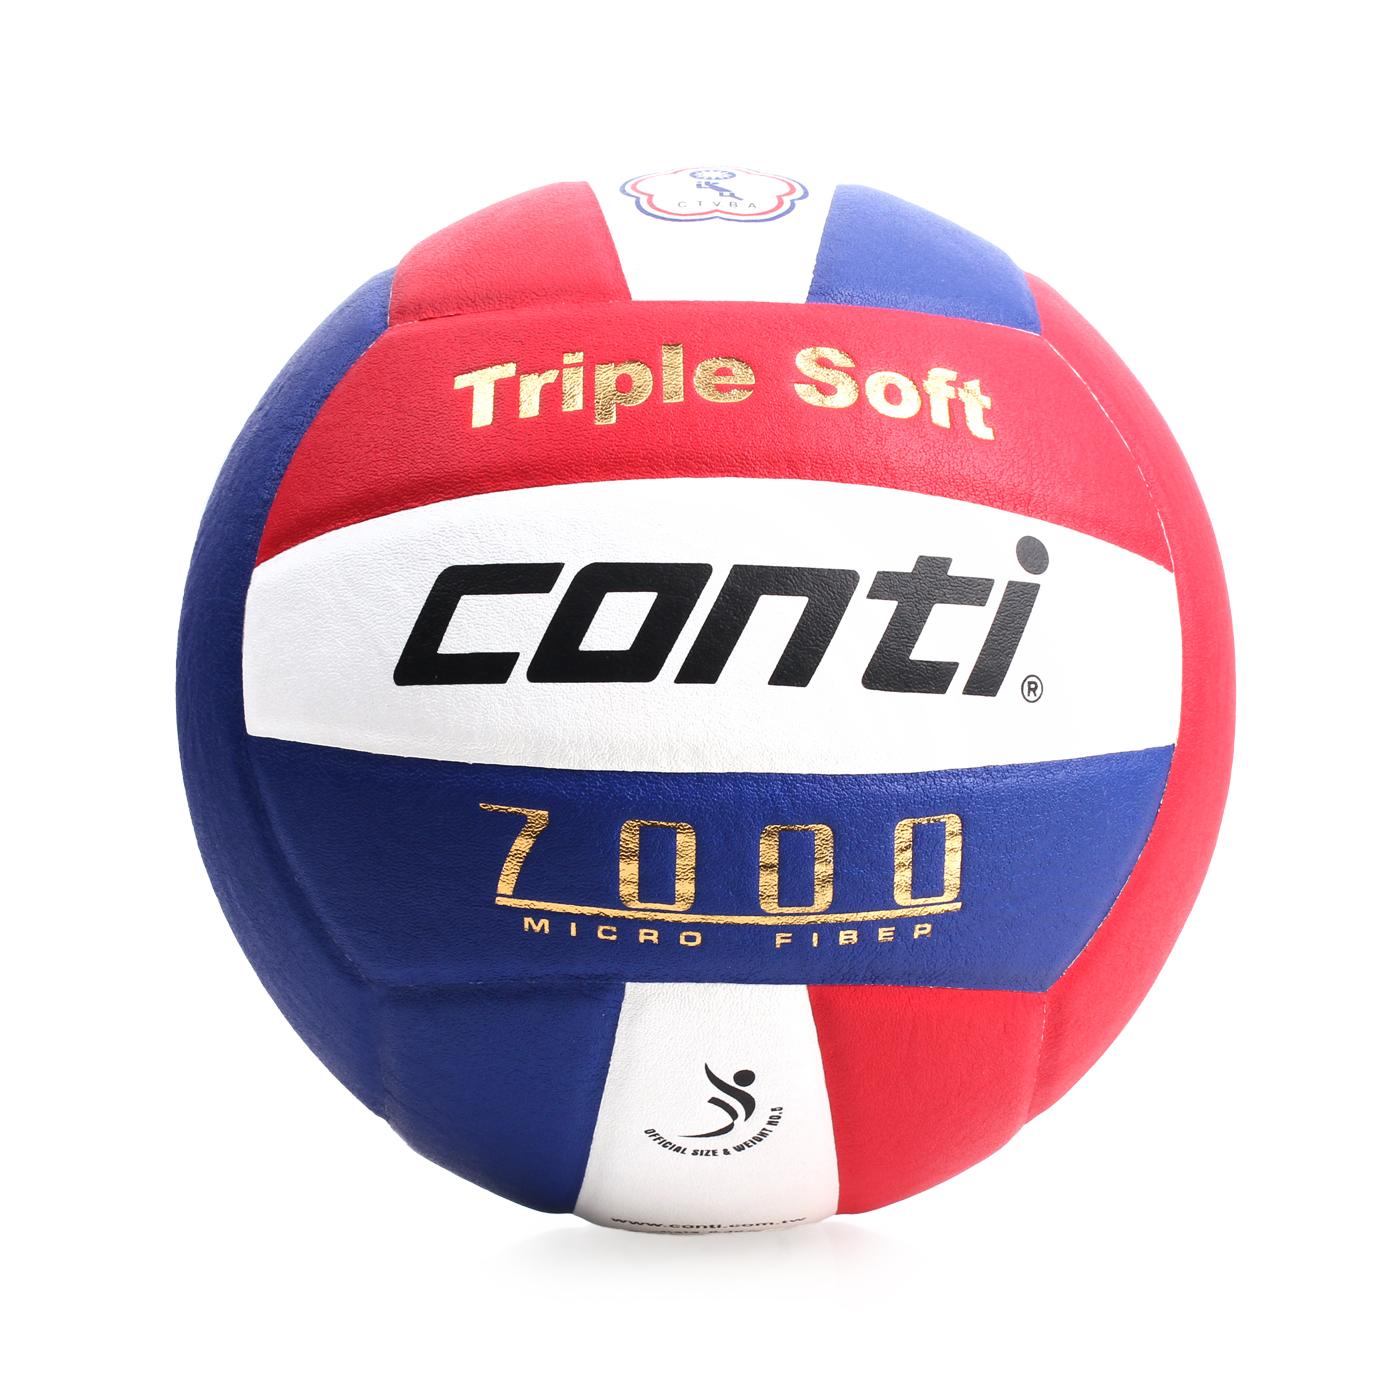 詠冠conti 5號日本超細纖維結構專利排球 CONTIV7000-5-RWB